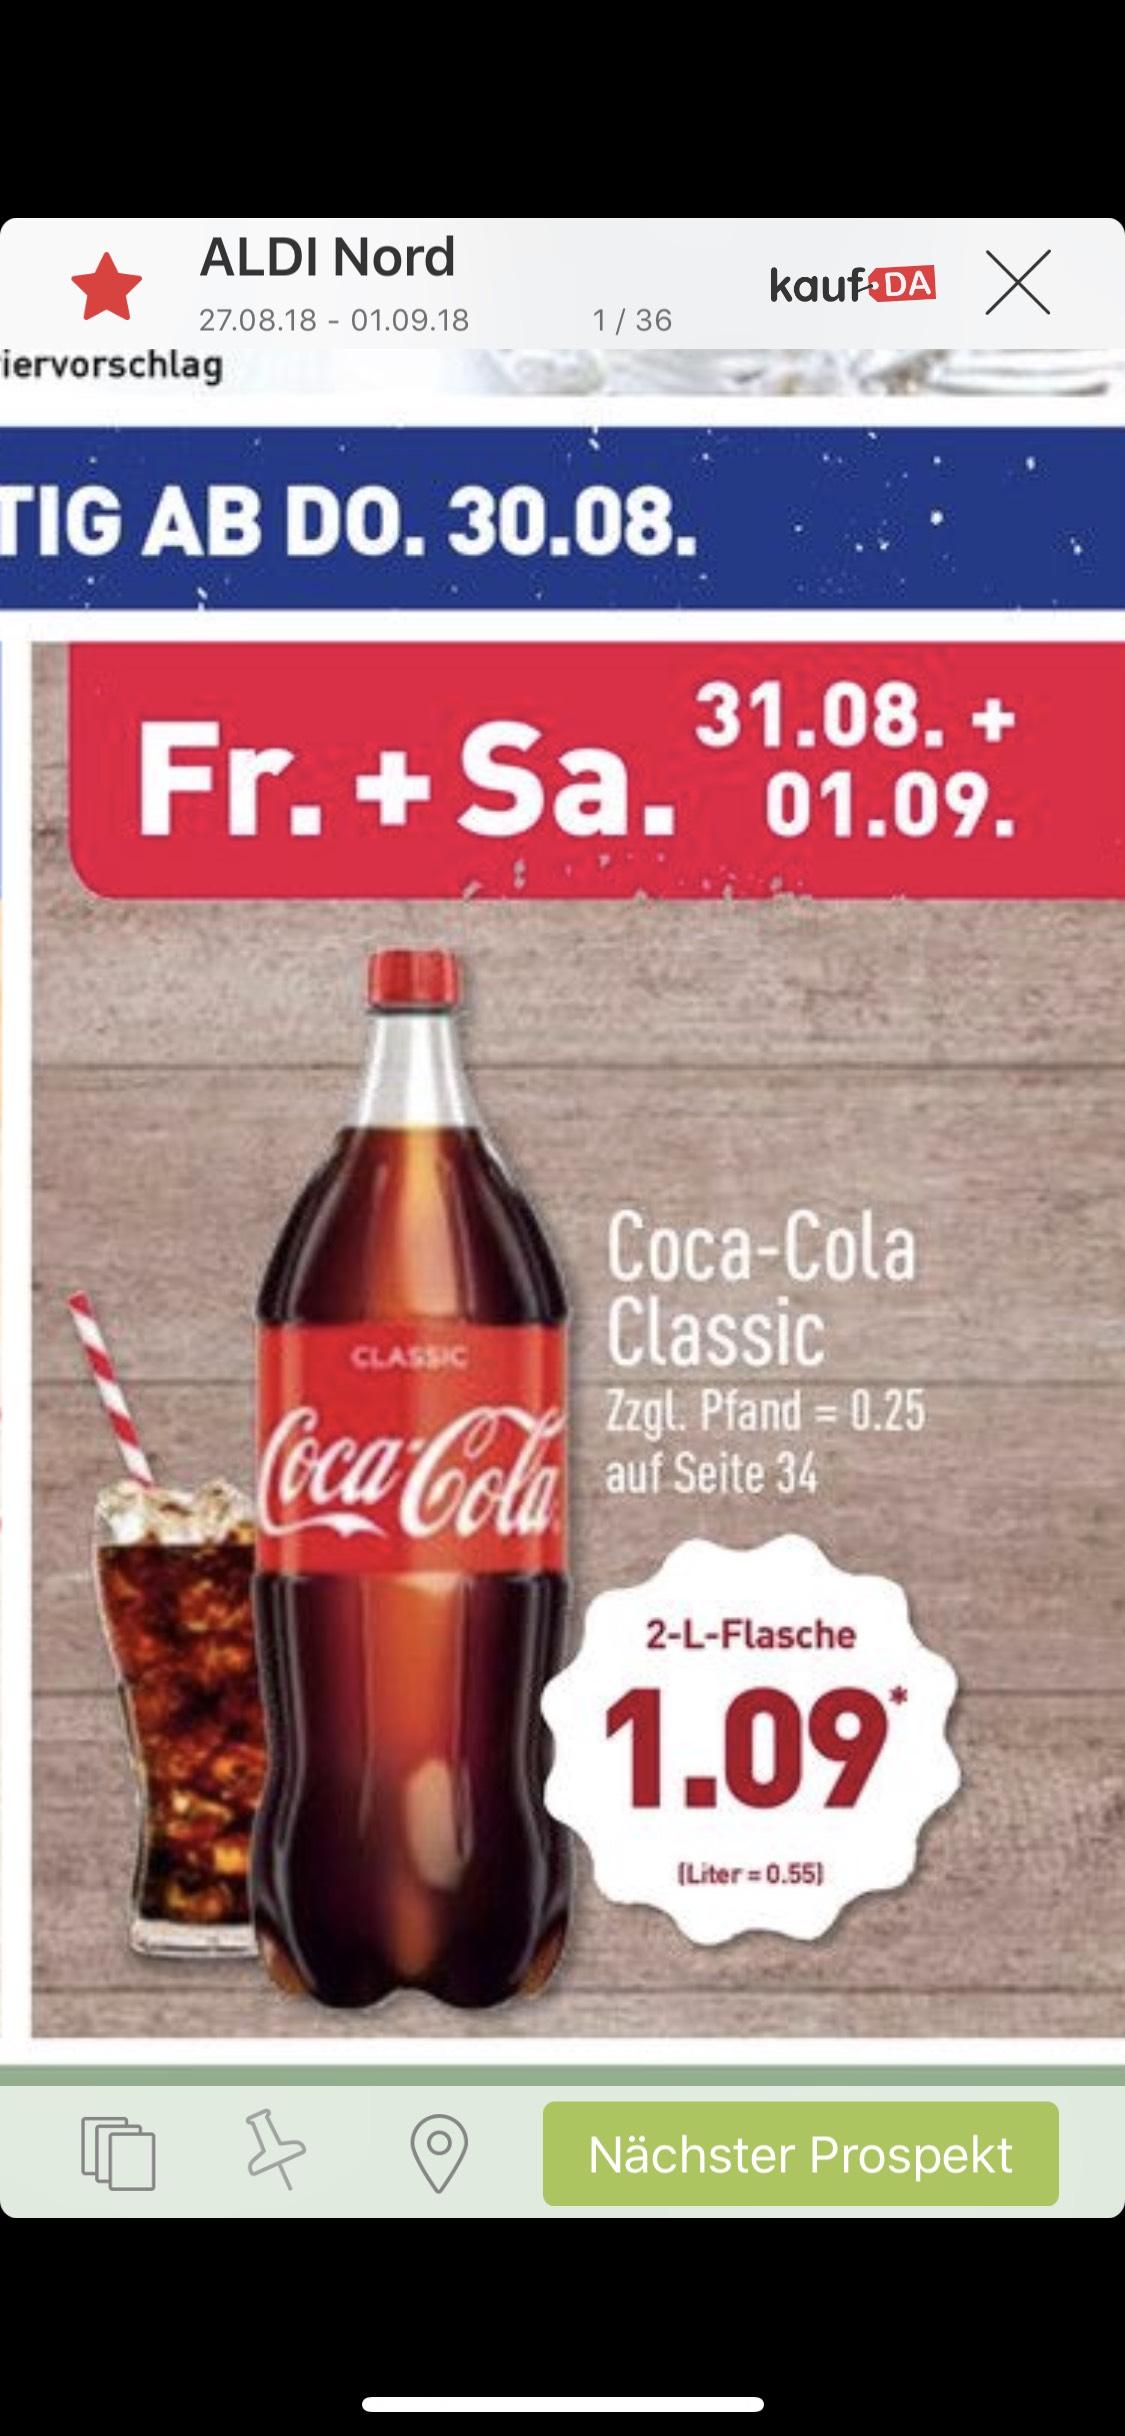 Grensdeal Duitsland bij de Aldi: Coca Cola 2L fles voor €1,09